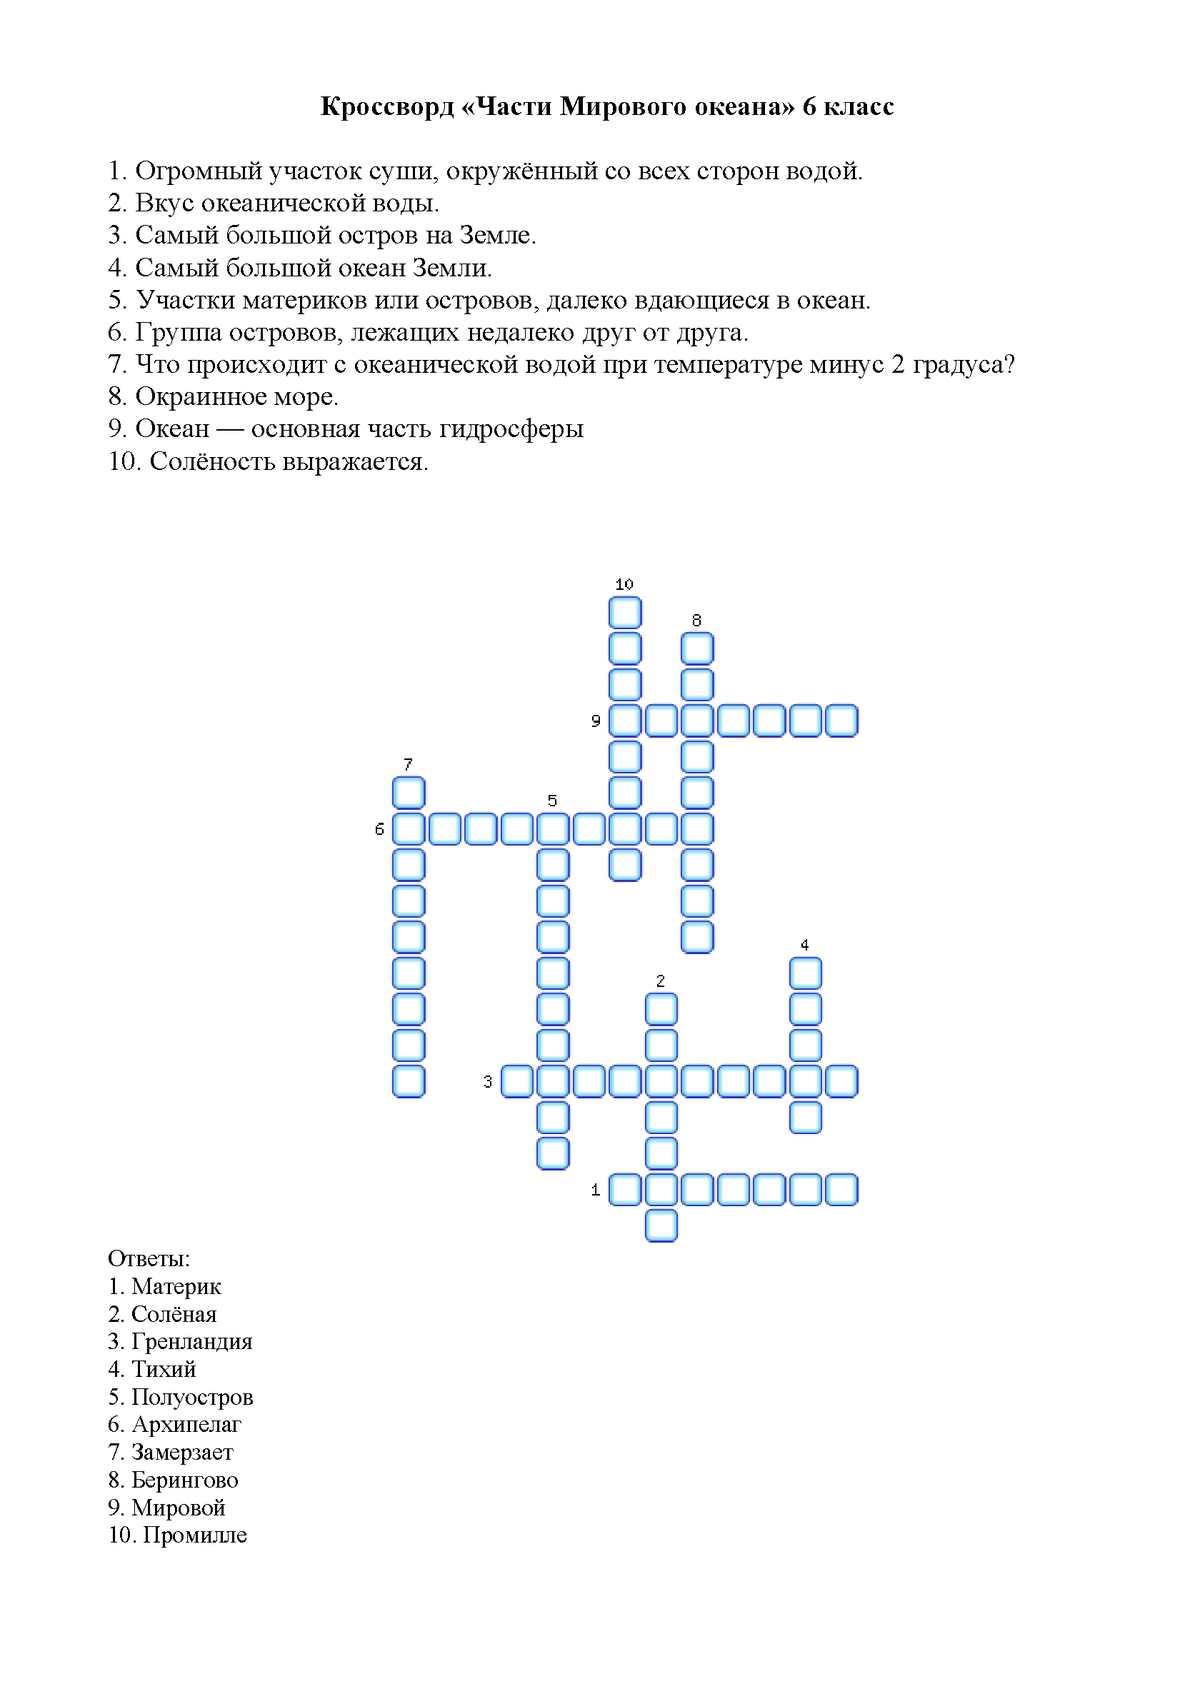 Кроссворд на тему горные породы с ответами 6 класс